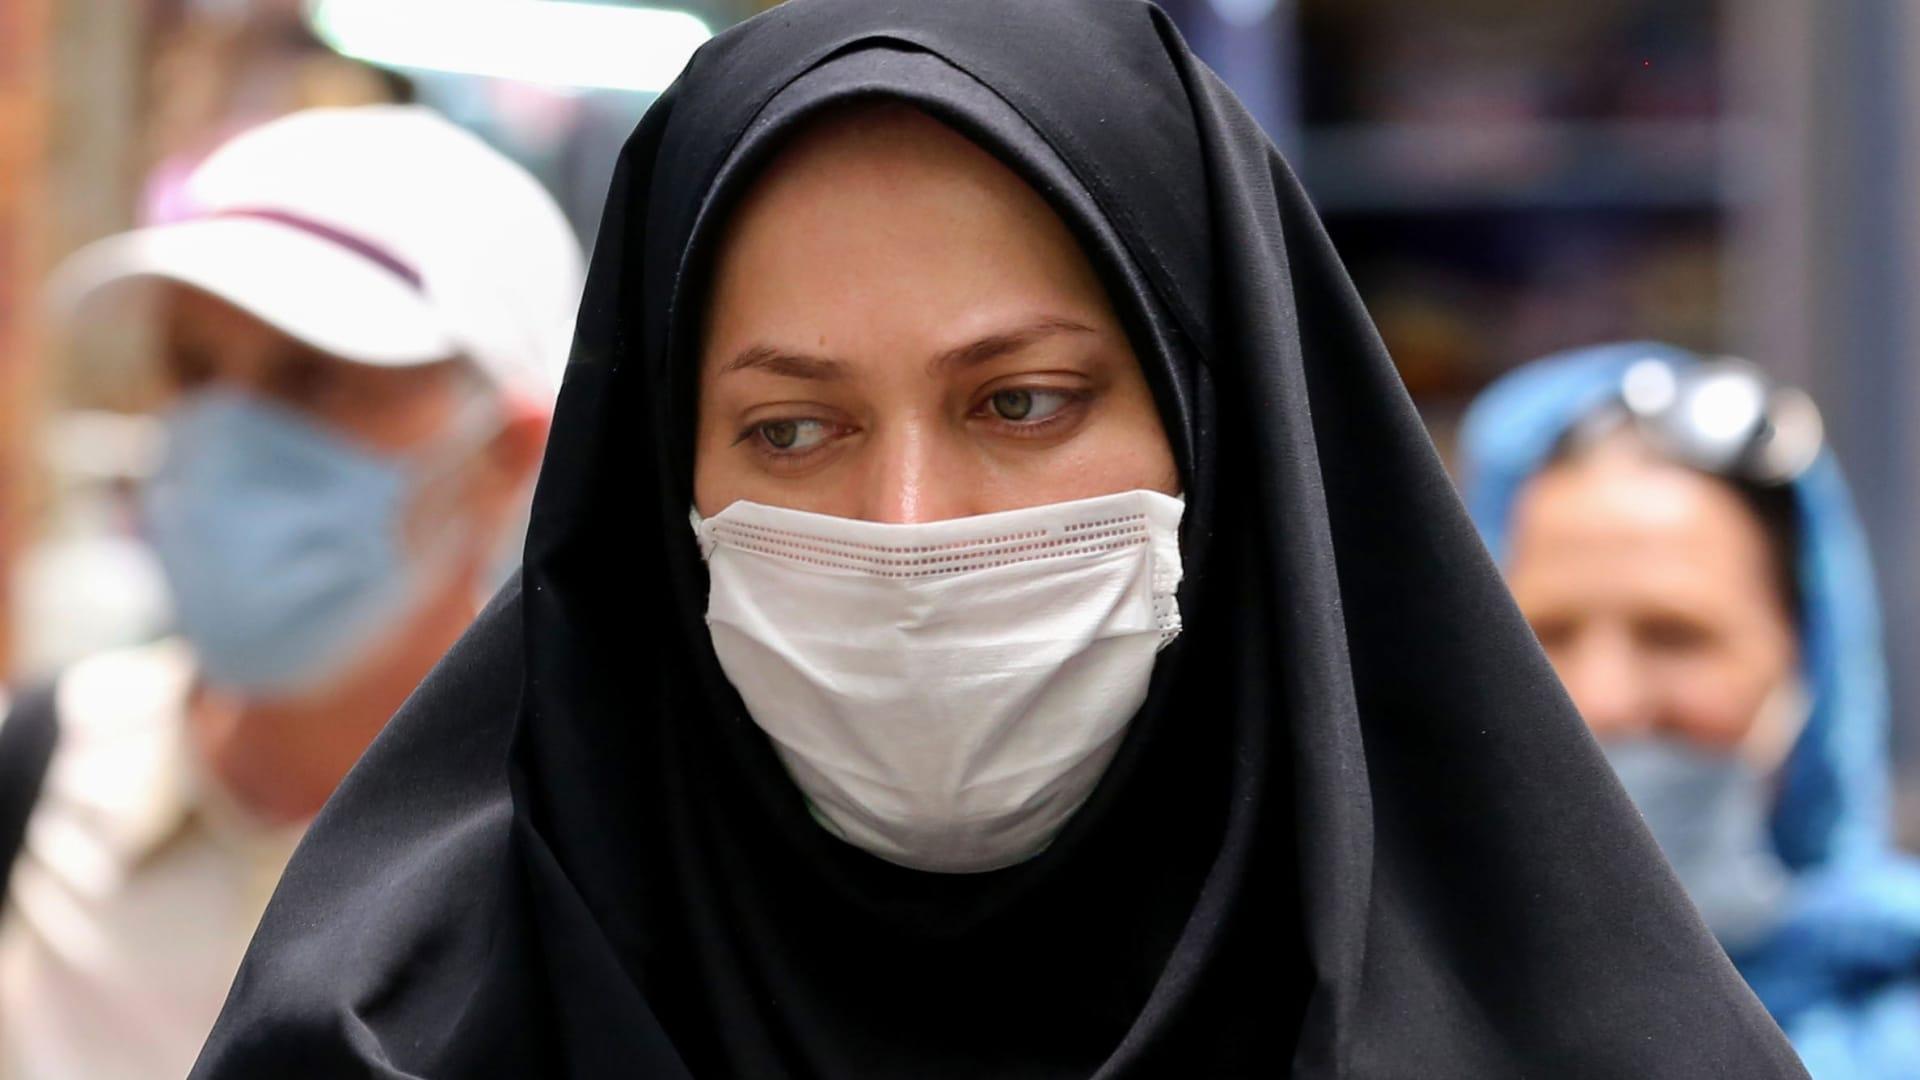 """إيران تعيد فتح """"الأماكن المقدسة"""" بعد شهرين من الإغلاق بسبب كورونا"""